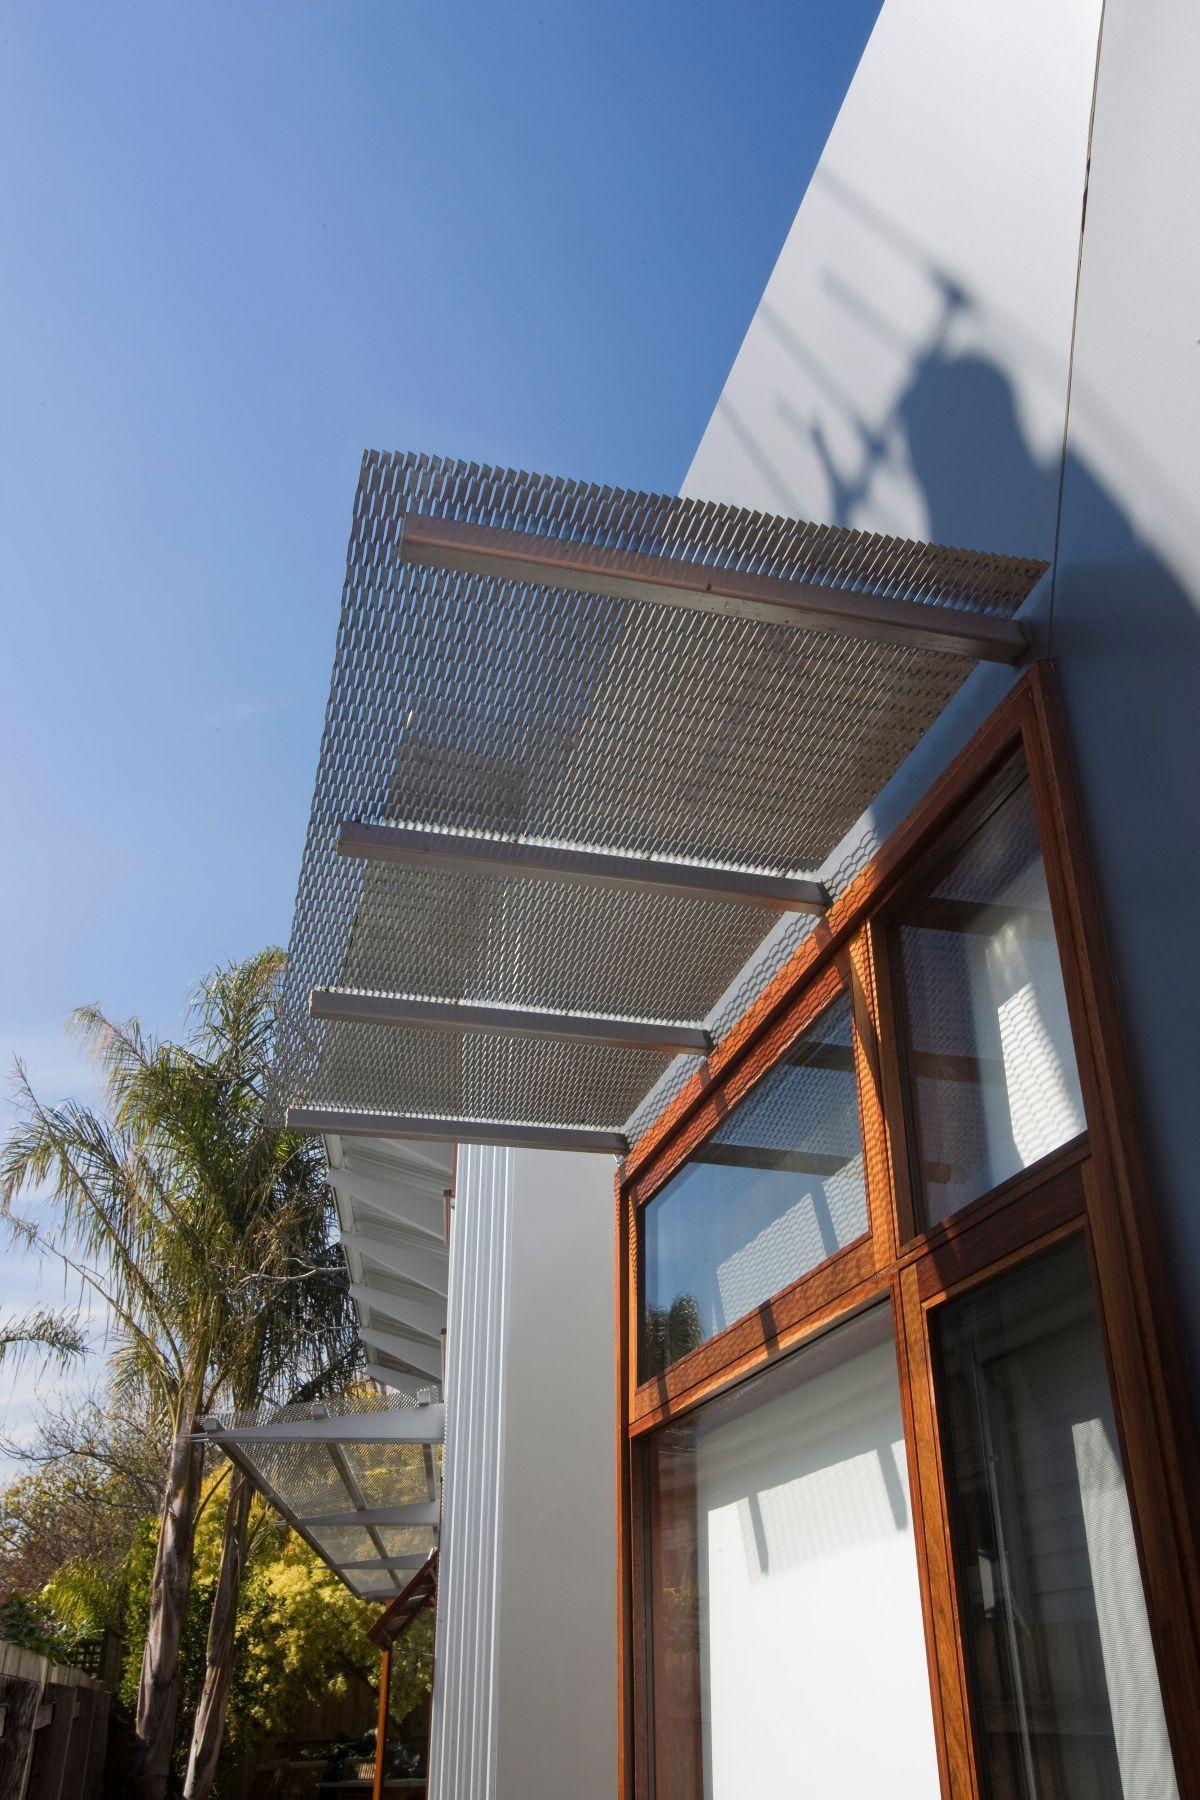 Image Result For Overhead Steel Mesh Pergola House